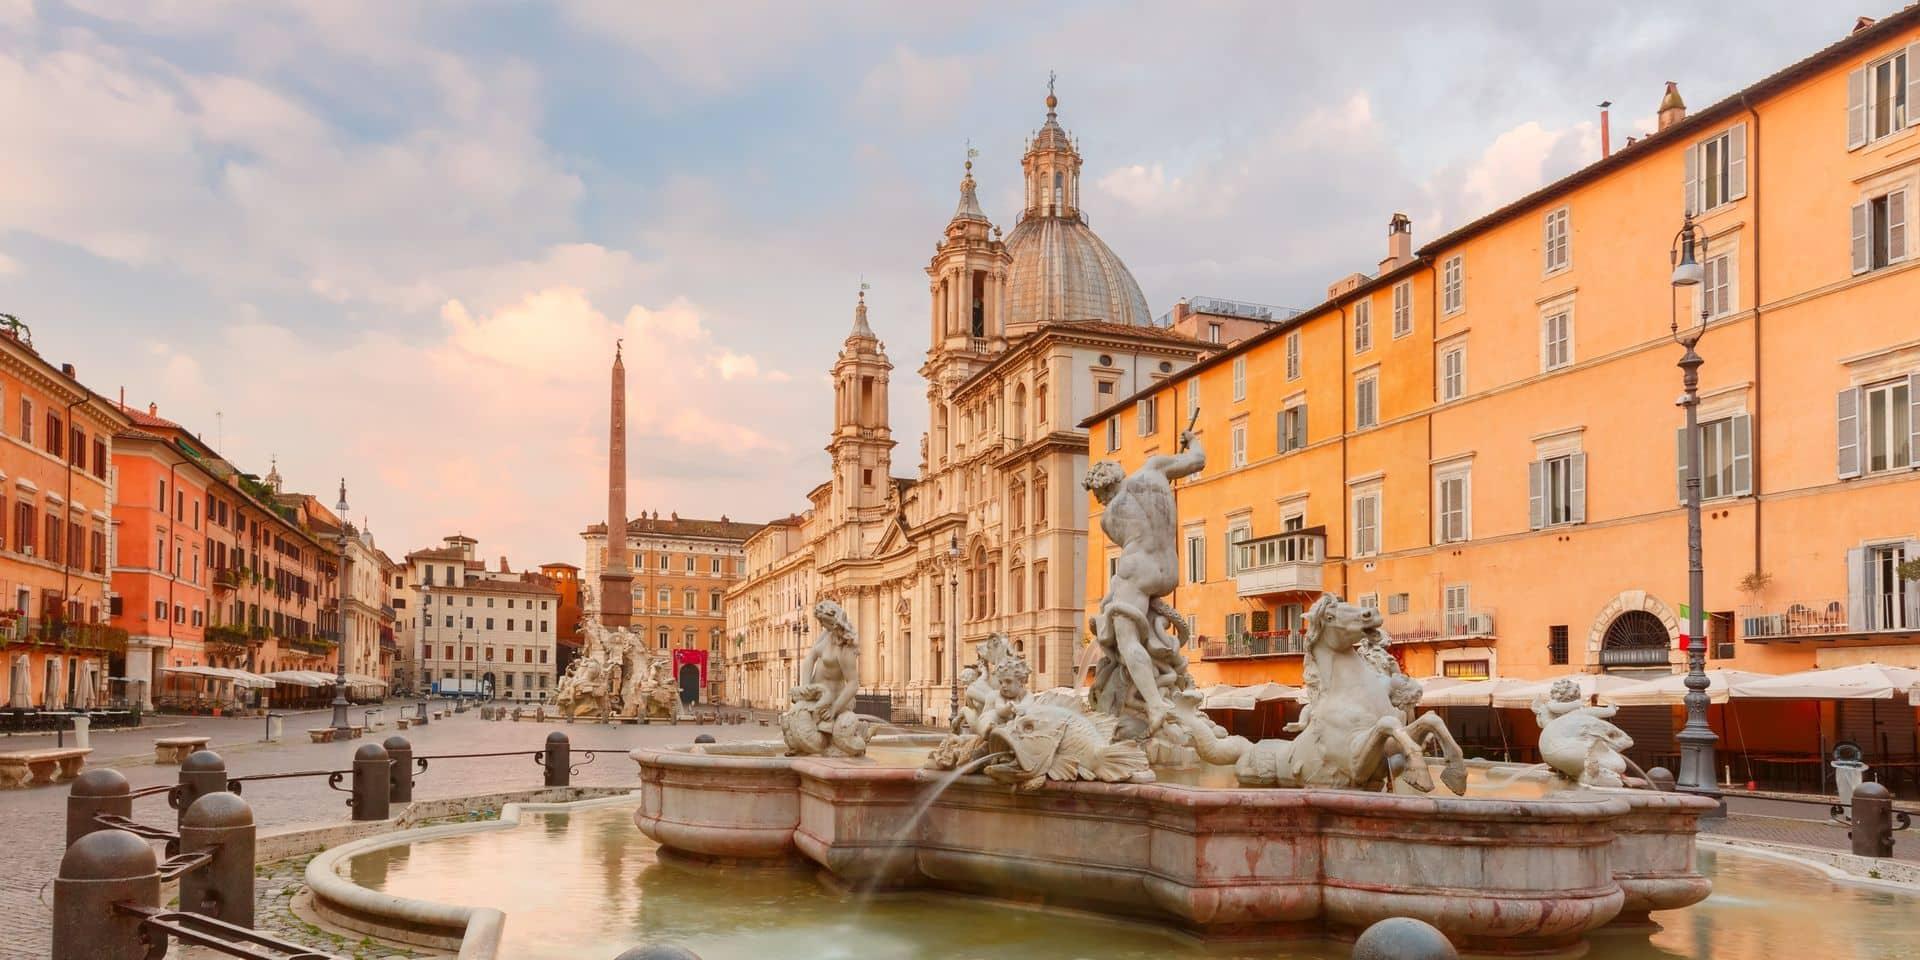 Délaissant la morosité parisienne, une écrivaine part, plus tôt que prévu, pour Rome où elle n'est pas attendue.